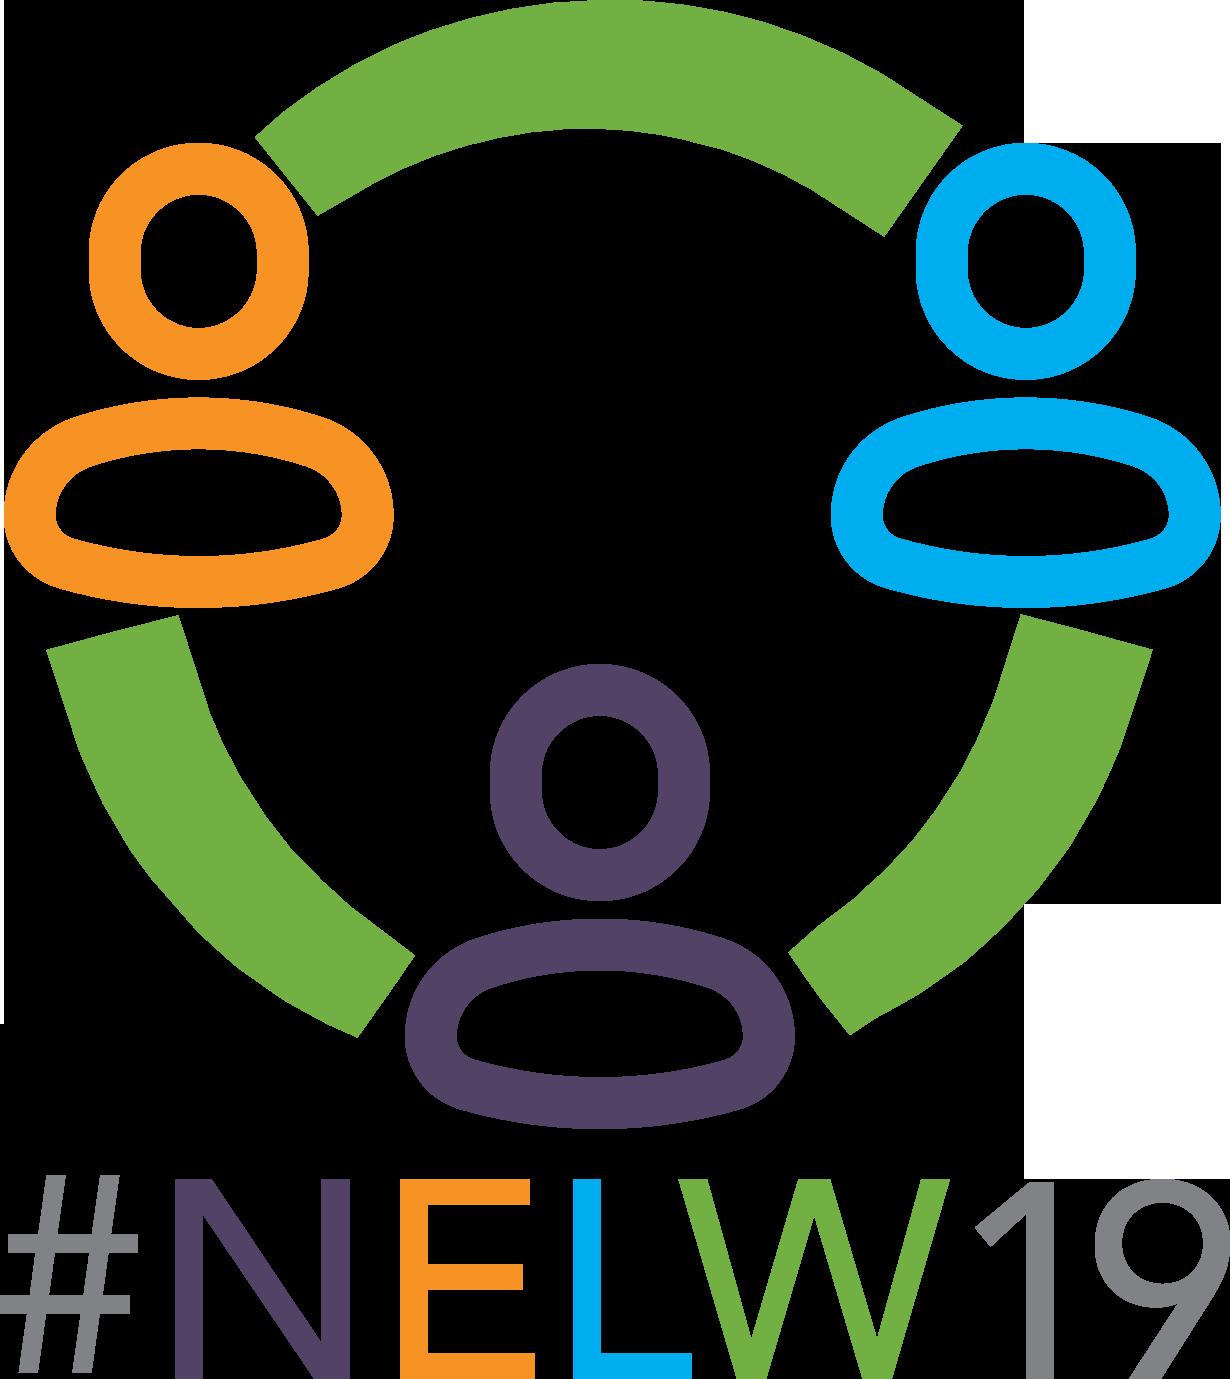 #NELW19